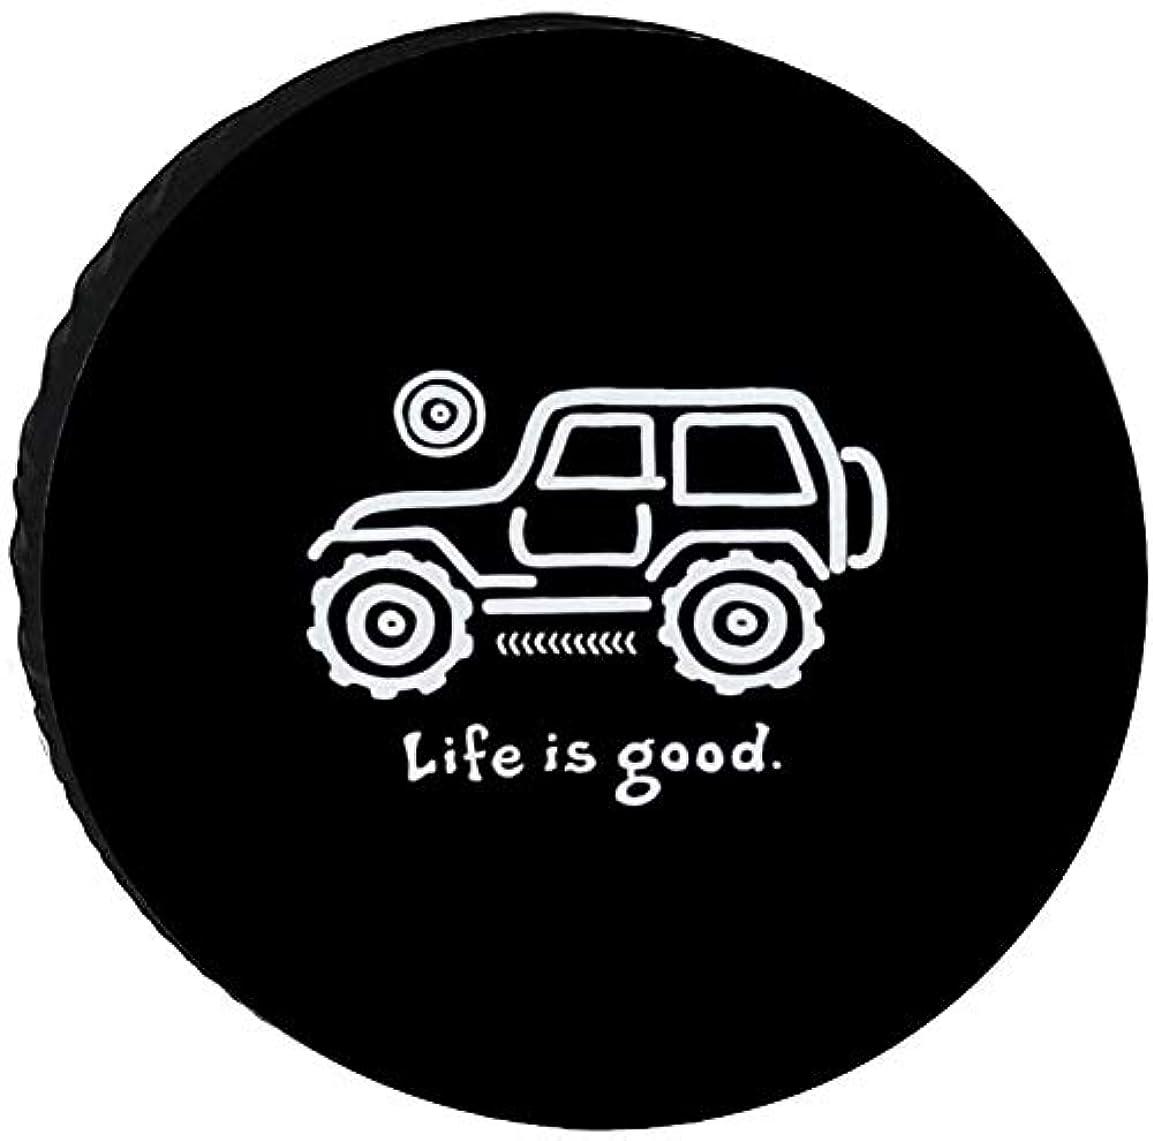 知っているに立ち寄る不可能な衰えるSUVタイヤカバー タイヤ 収納 屋外自動車 RV タイヤ 保管 防水生地 カー用品 防紫外線 スペアタイヤカバー ジムニー タイヤカバー 完全防水 タイヤ カバー 背面 14インチ,15インチ,16インチ,17インチ タイヤ 保管カバー 4WD Jeep 001 black 15inch